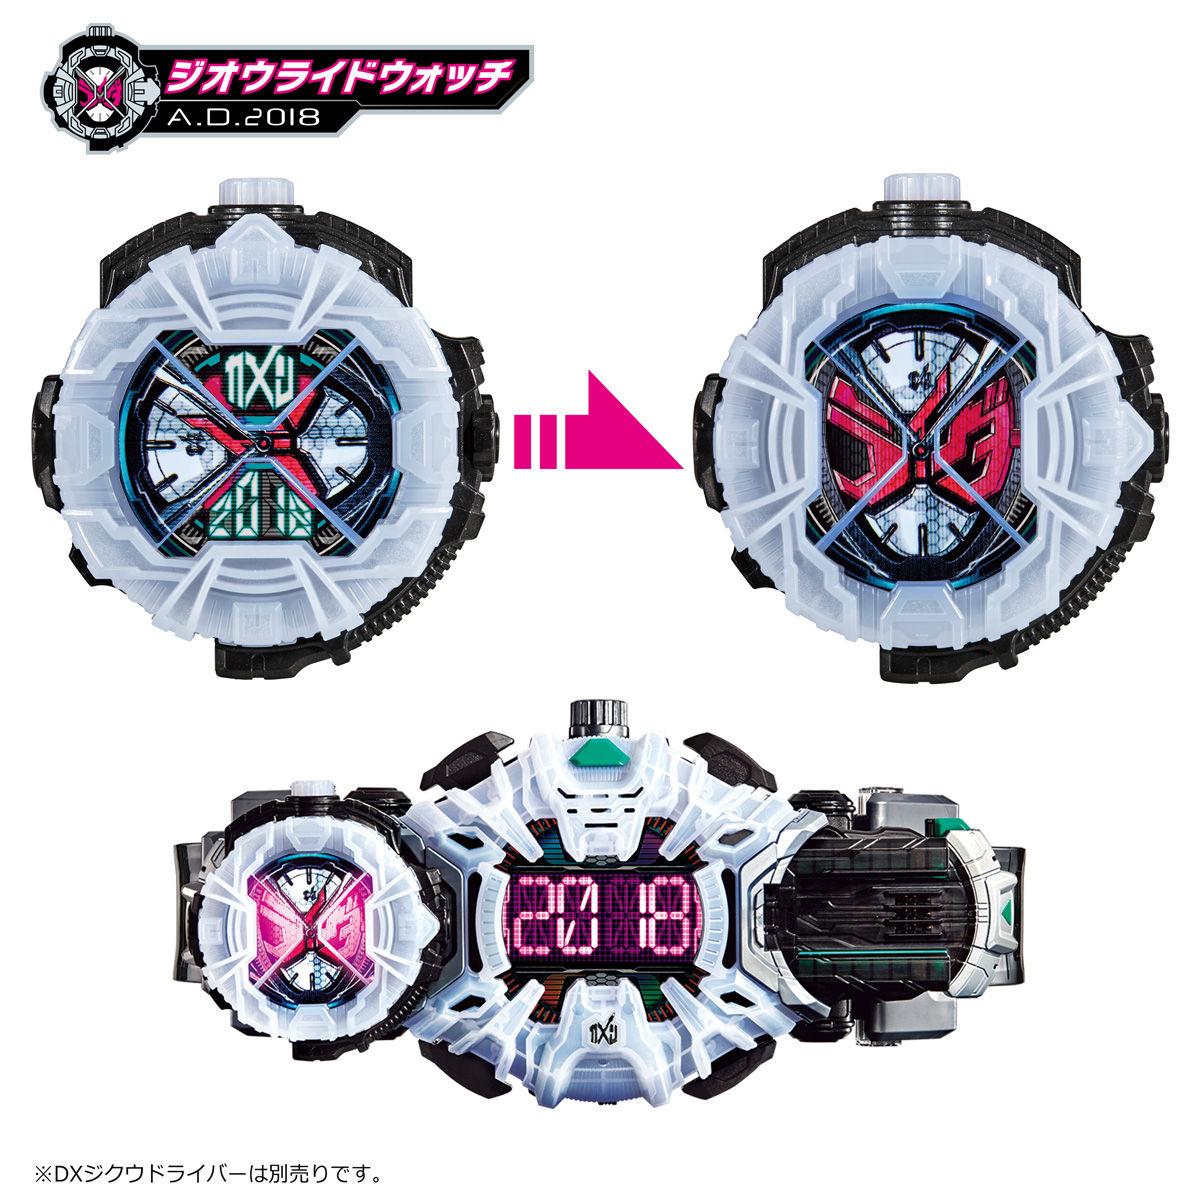 【限定販売】仮面ライダージオウ『DXメモリアルライドウォッチセット』変身なりきり-008